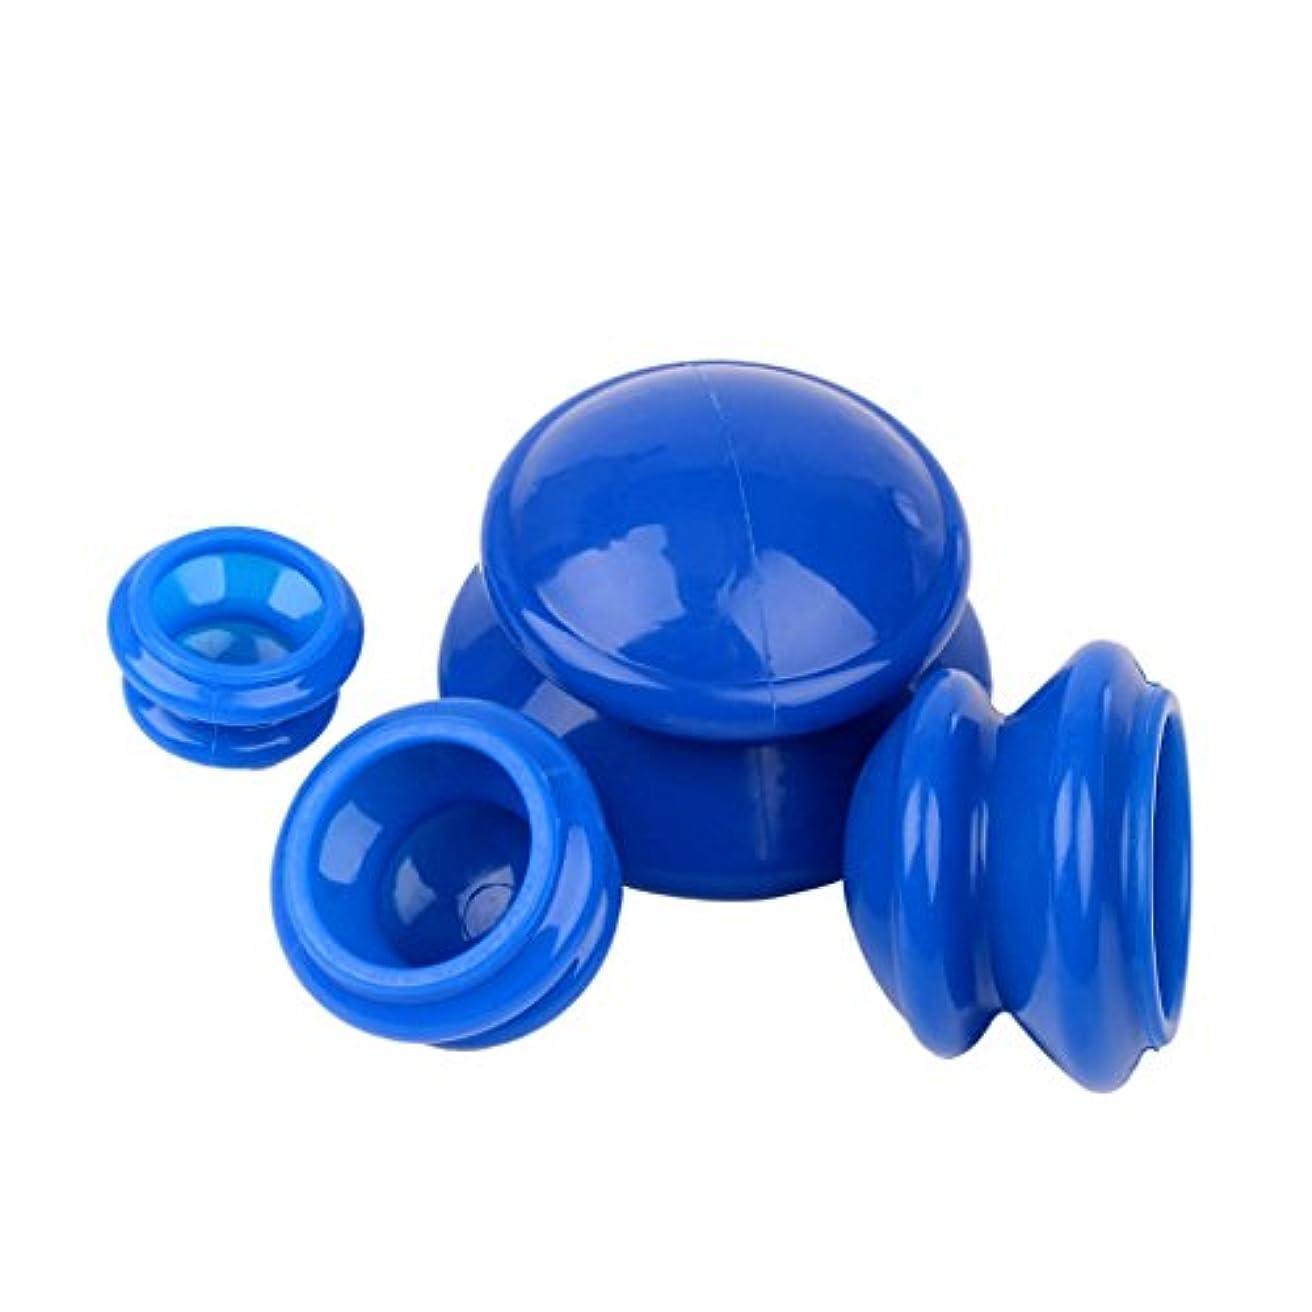 ハブ幾分祝福(inkint)マッサージ 吸い玉 カッピングカップ 4個セット バキュームカップ シリコーン製吸い玉 ネック 顔全身マッサージ フィットネスケア 血流促進 マッサージャー ブルー